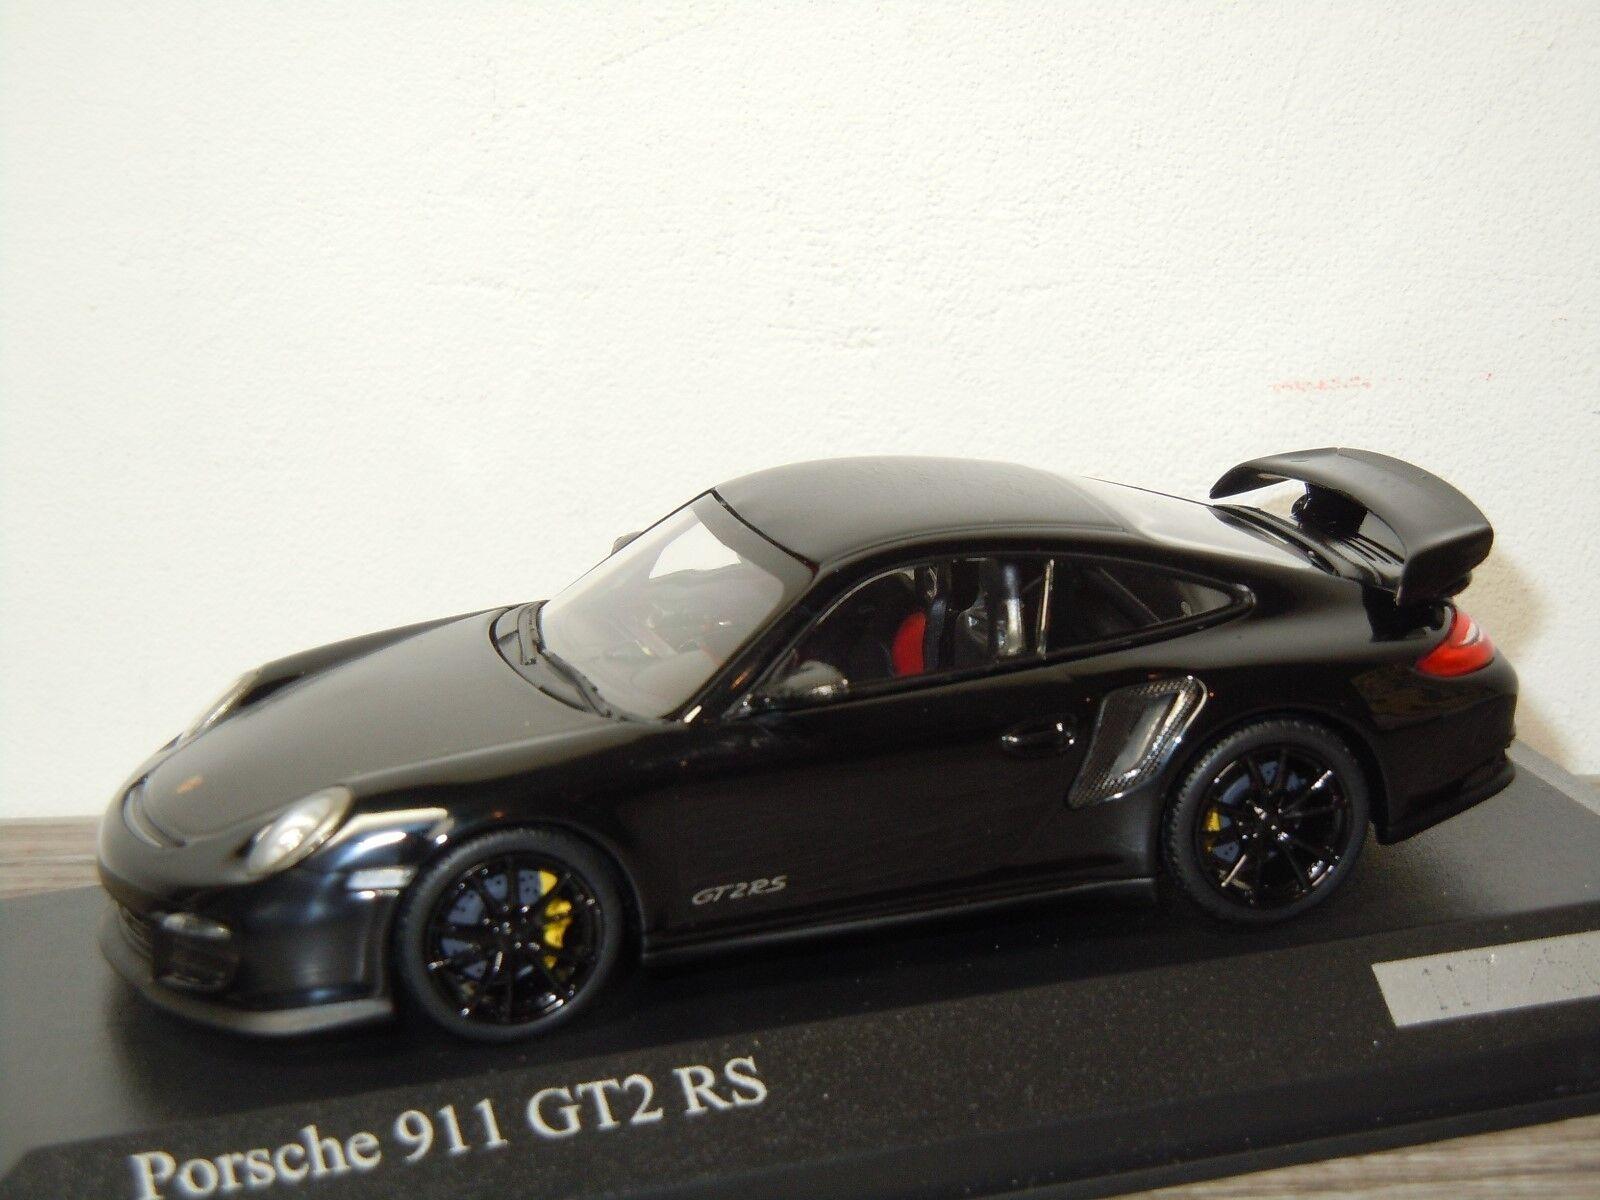 Con precio barato para obtener la mejor marca. Porsche 911 997 II II II GT2 RS - Minichamps 1 43 in Box 30318  venta mundialmente famosa en línea